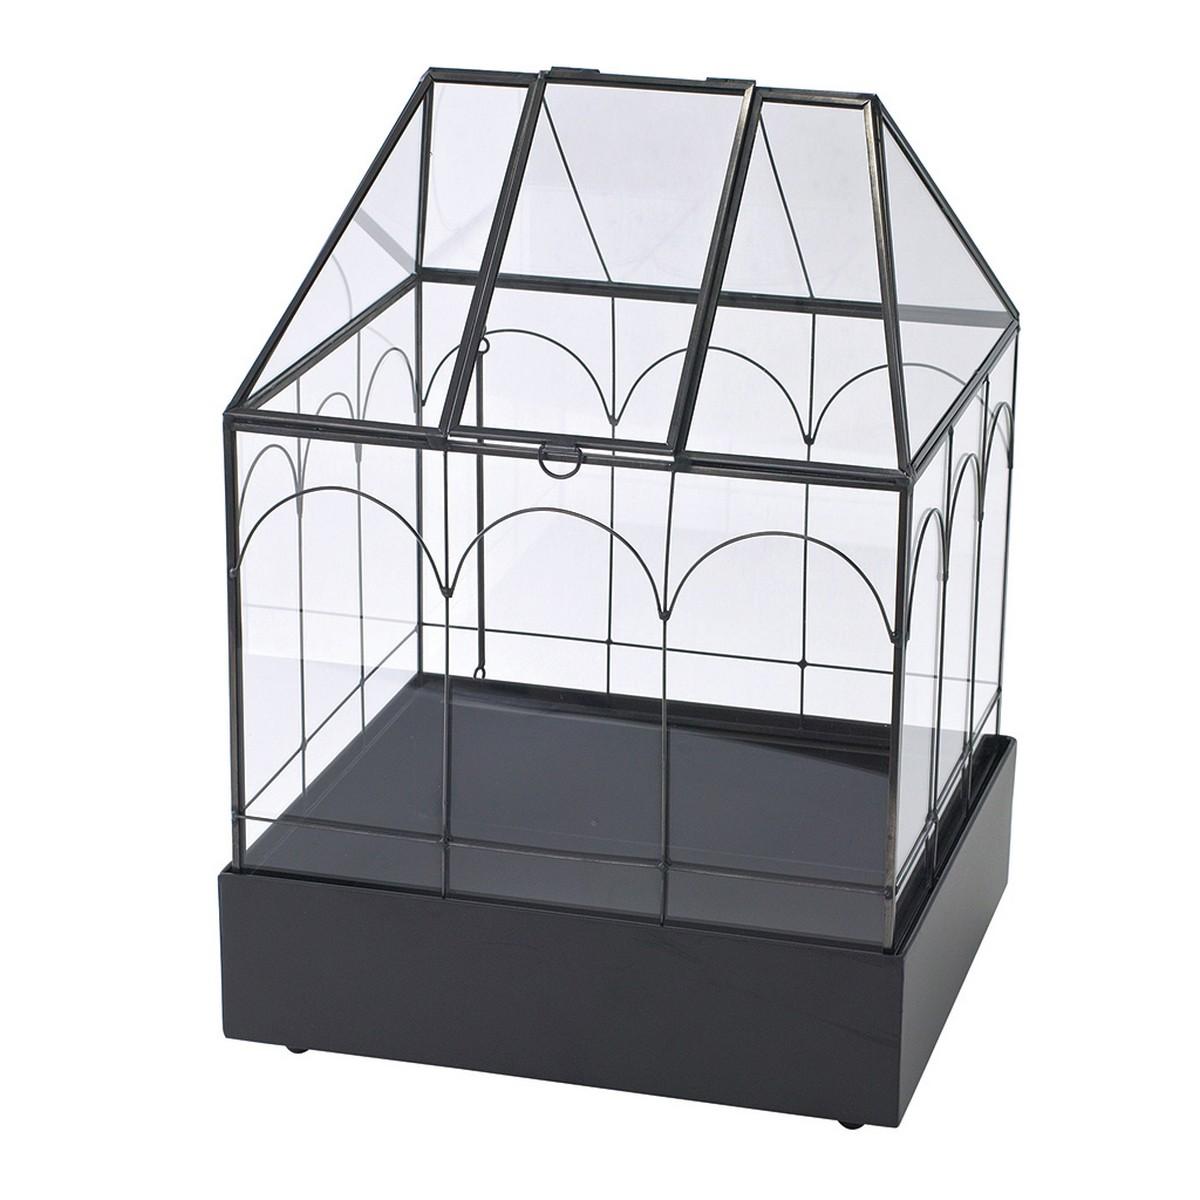 SPICE/ガラステラリウム メタルベース付きハウス/XSGH1060【07】【取寄】